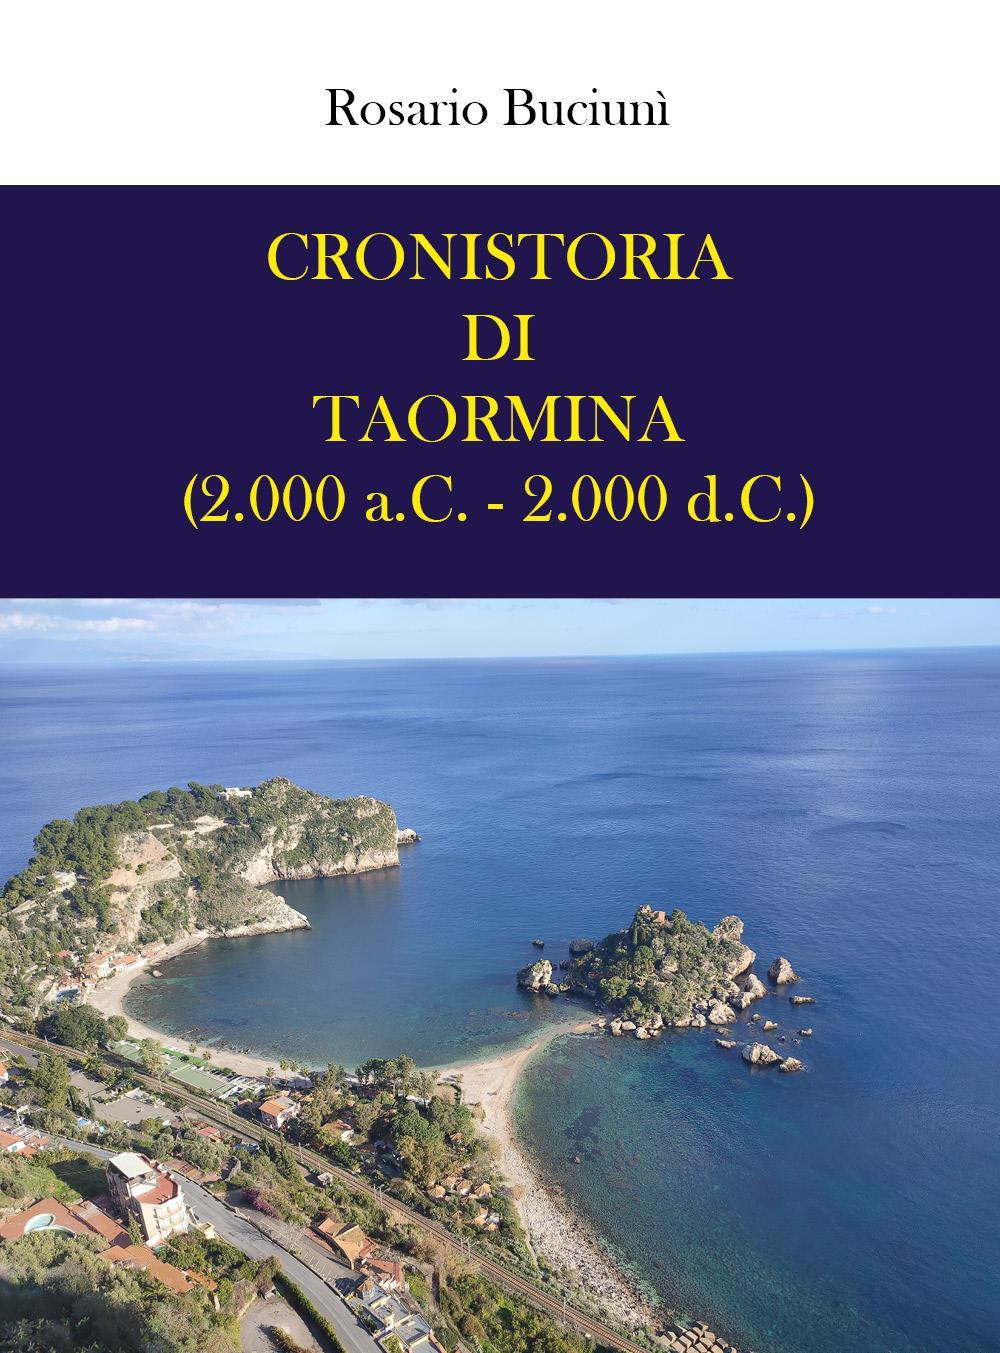 Cronistoria di Taormina (2.000 a.C. - 2.000 d.C.)